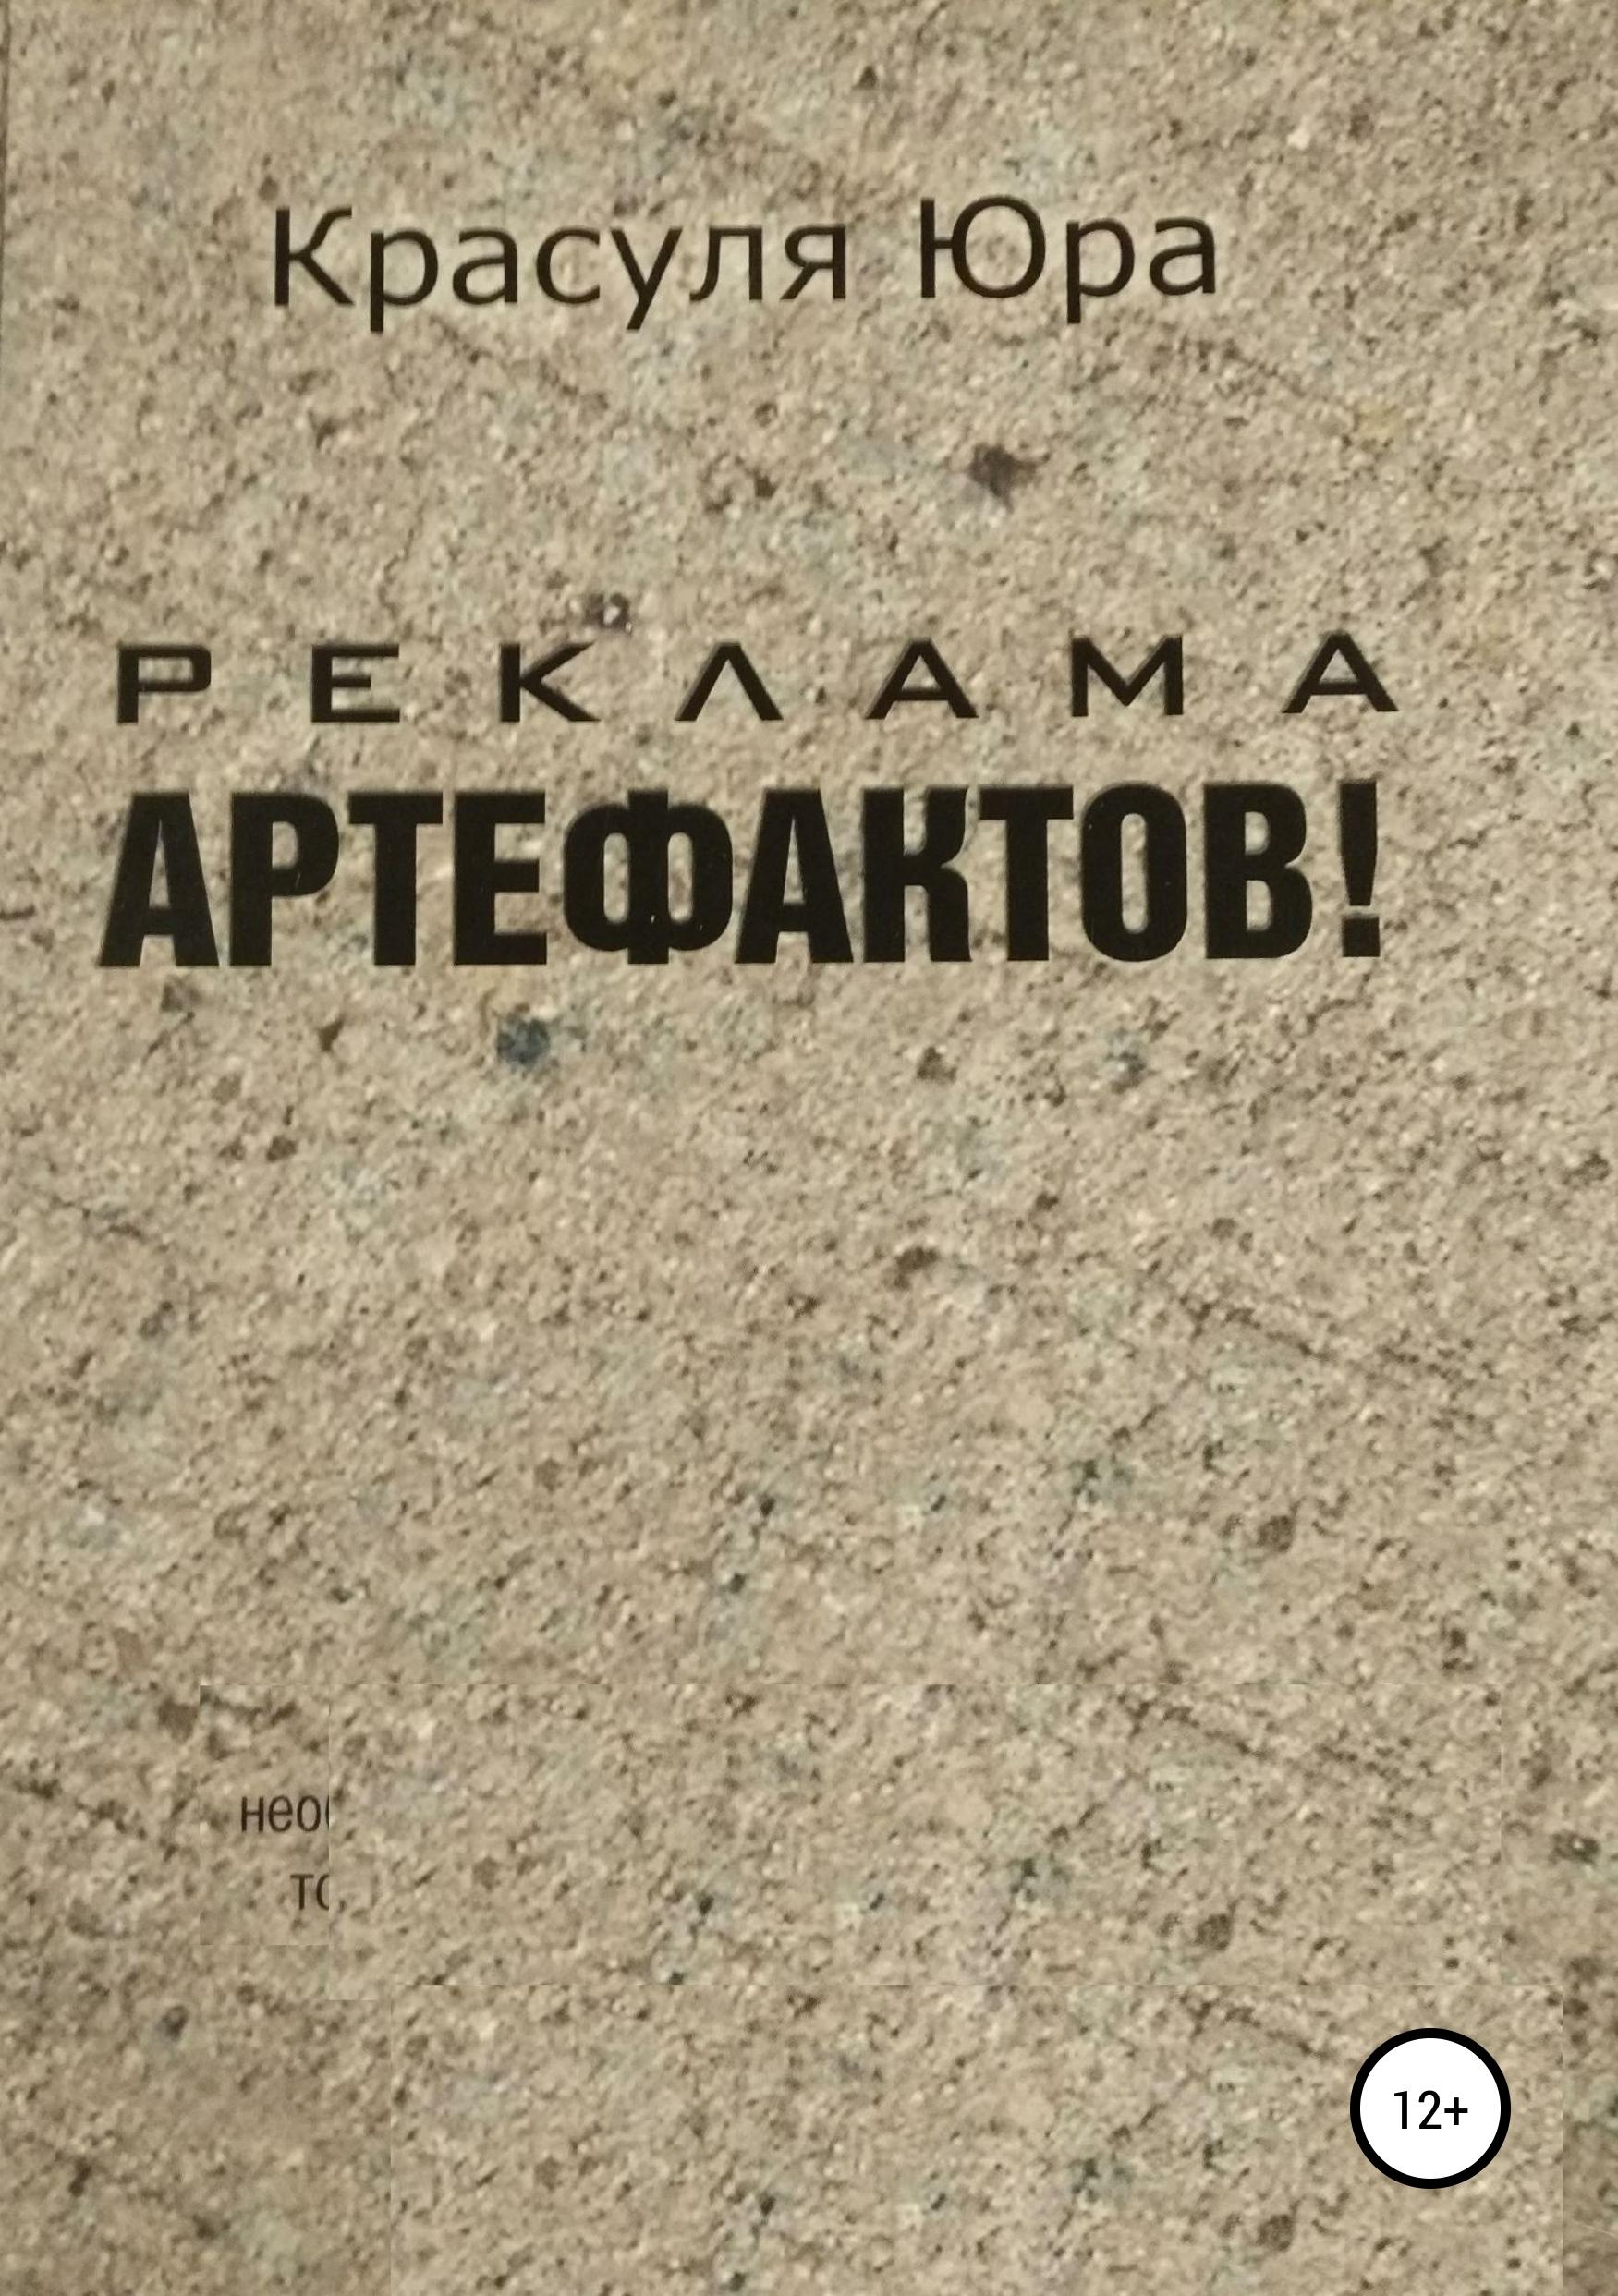 Реклама артефактов!